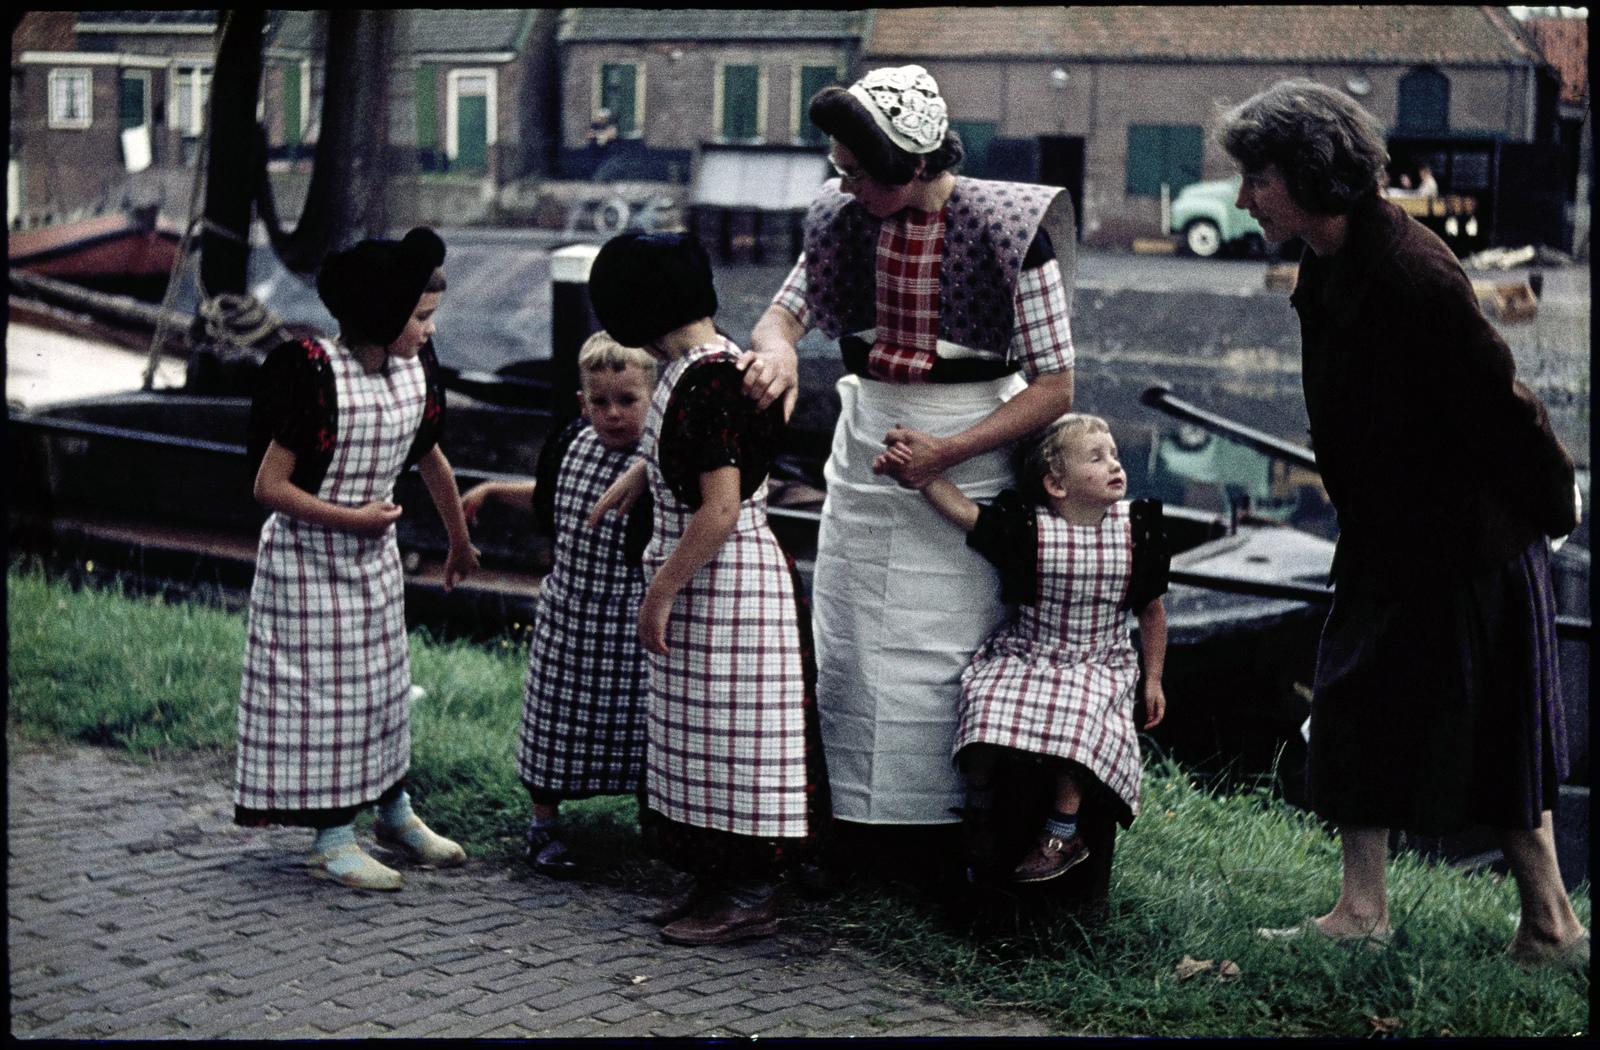 Vrouw met kinderen in klederdracht